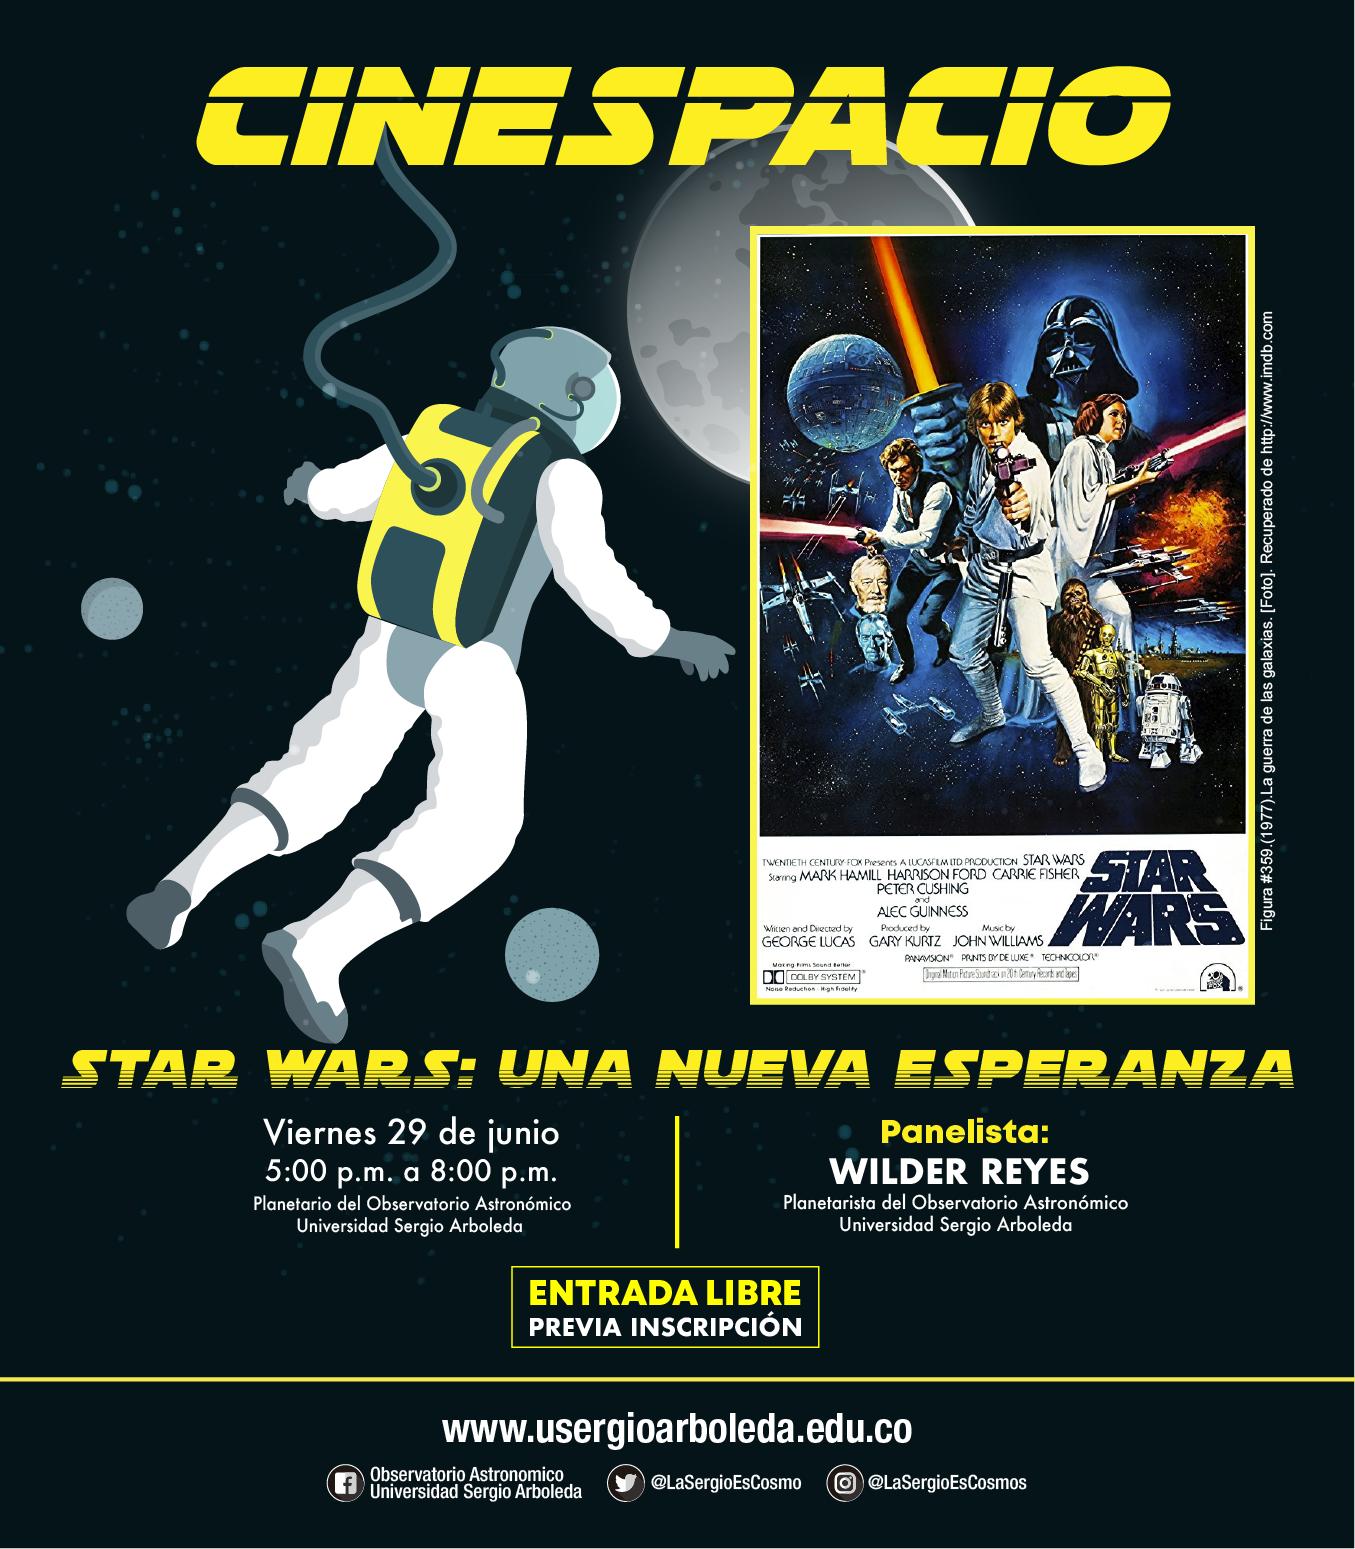 Cinespaciostarwars_redes-02